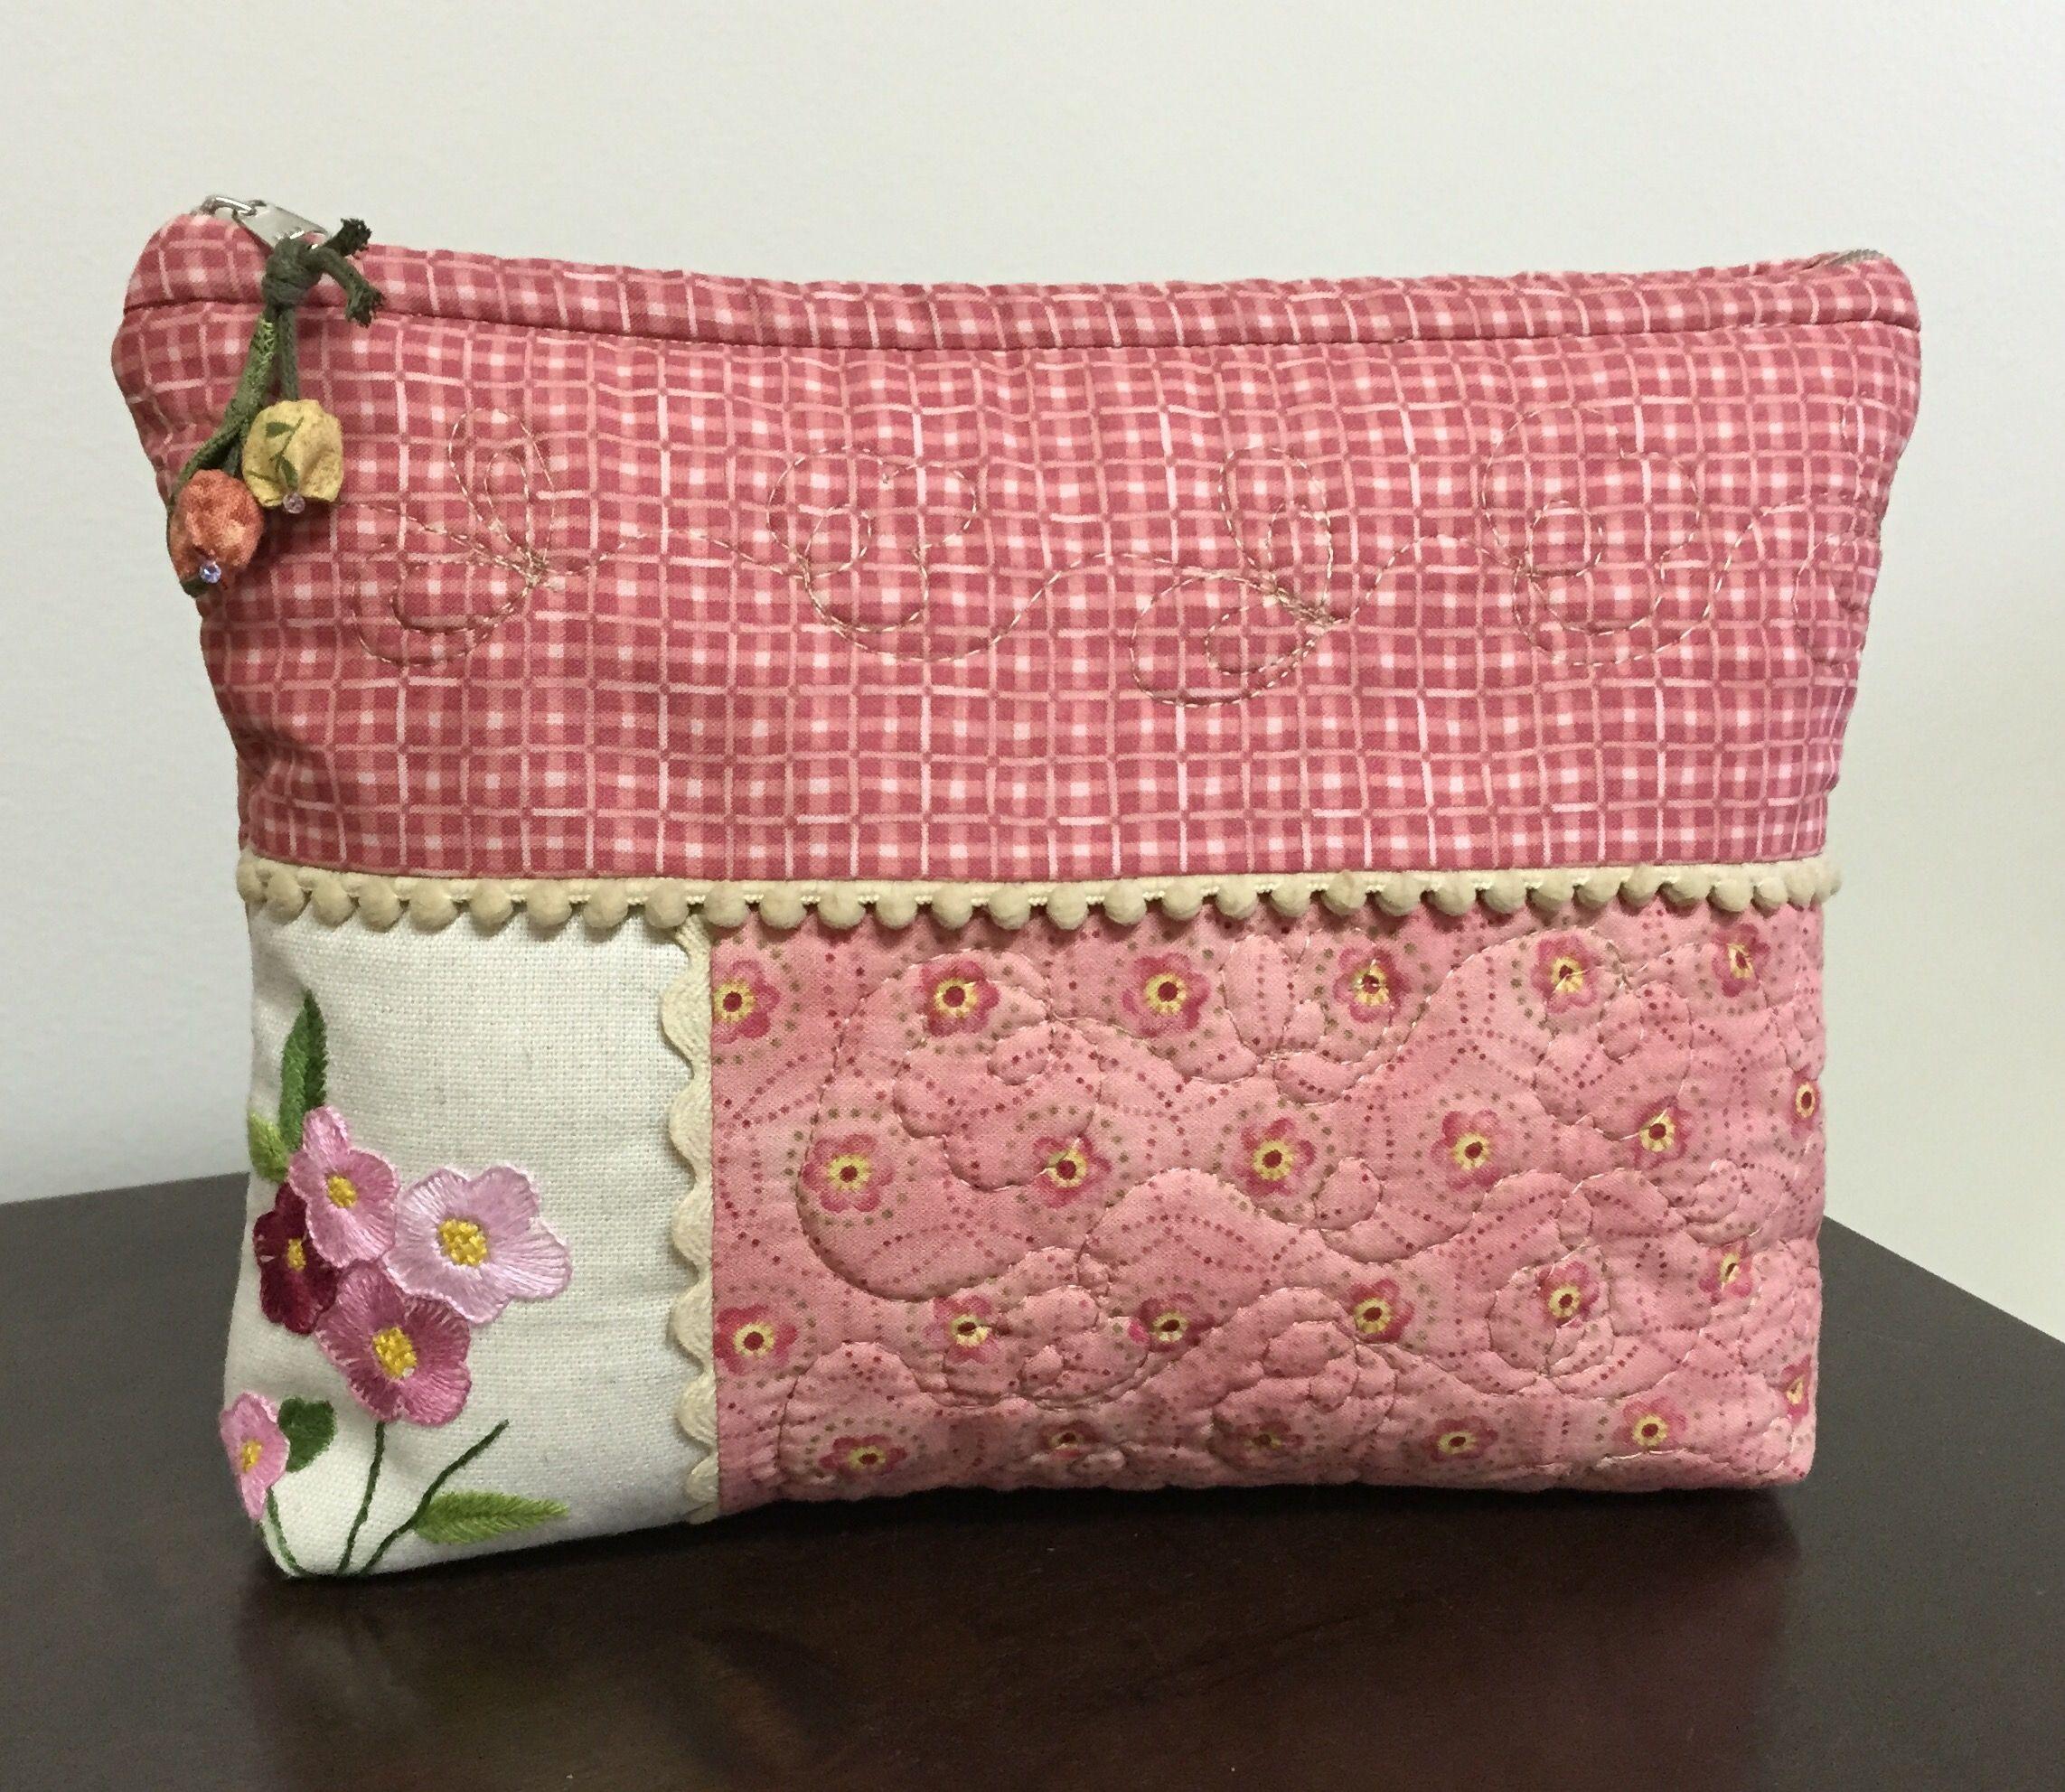 patchwork bordados bolsas croch pinterest artesanato ems e patchwork. Black Bedroom Furniture Sets. Home Design Ideas